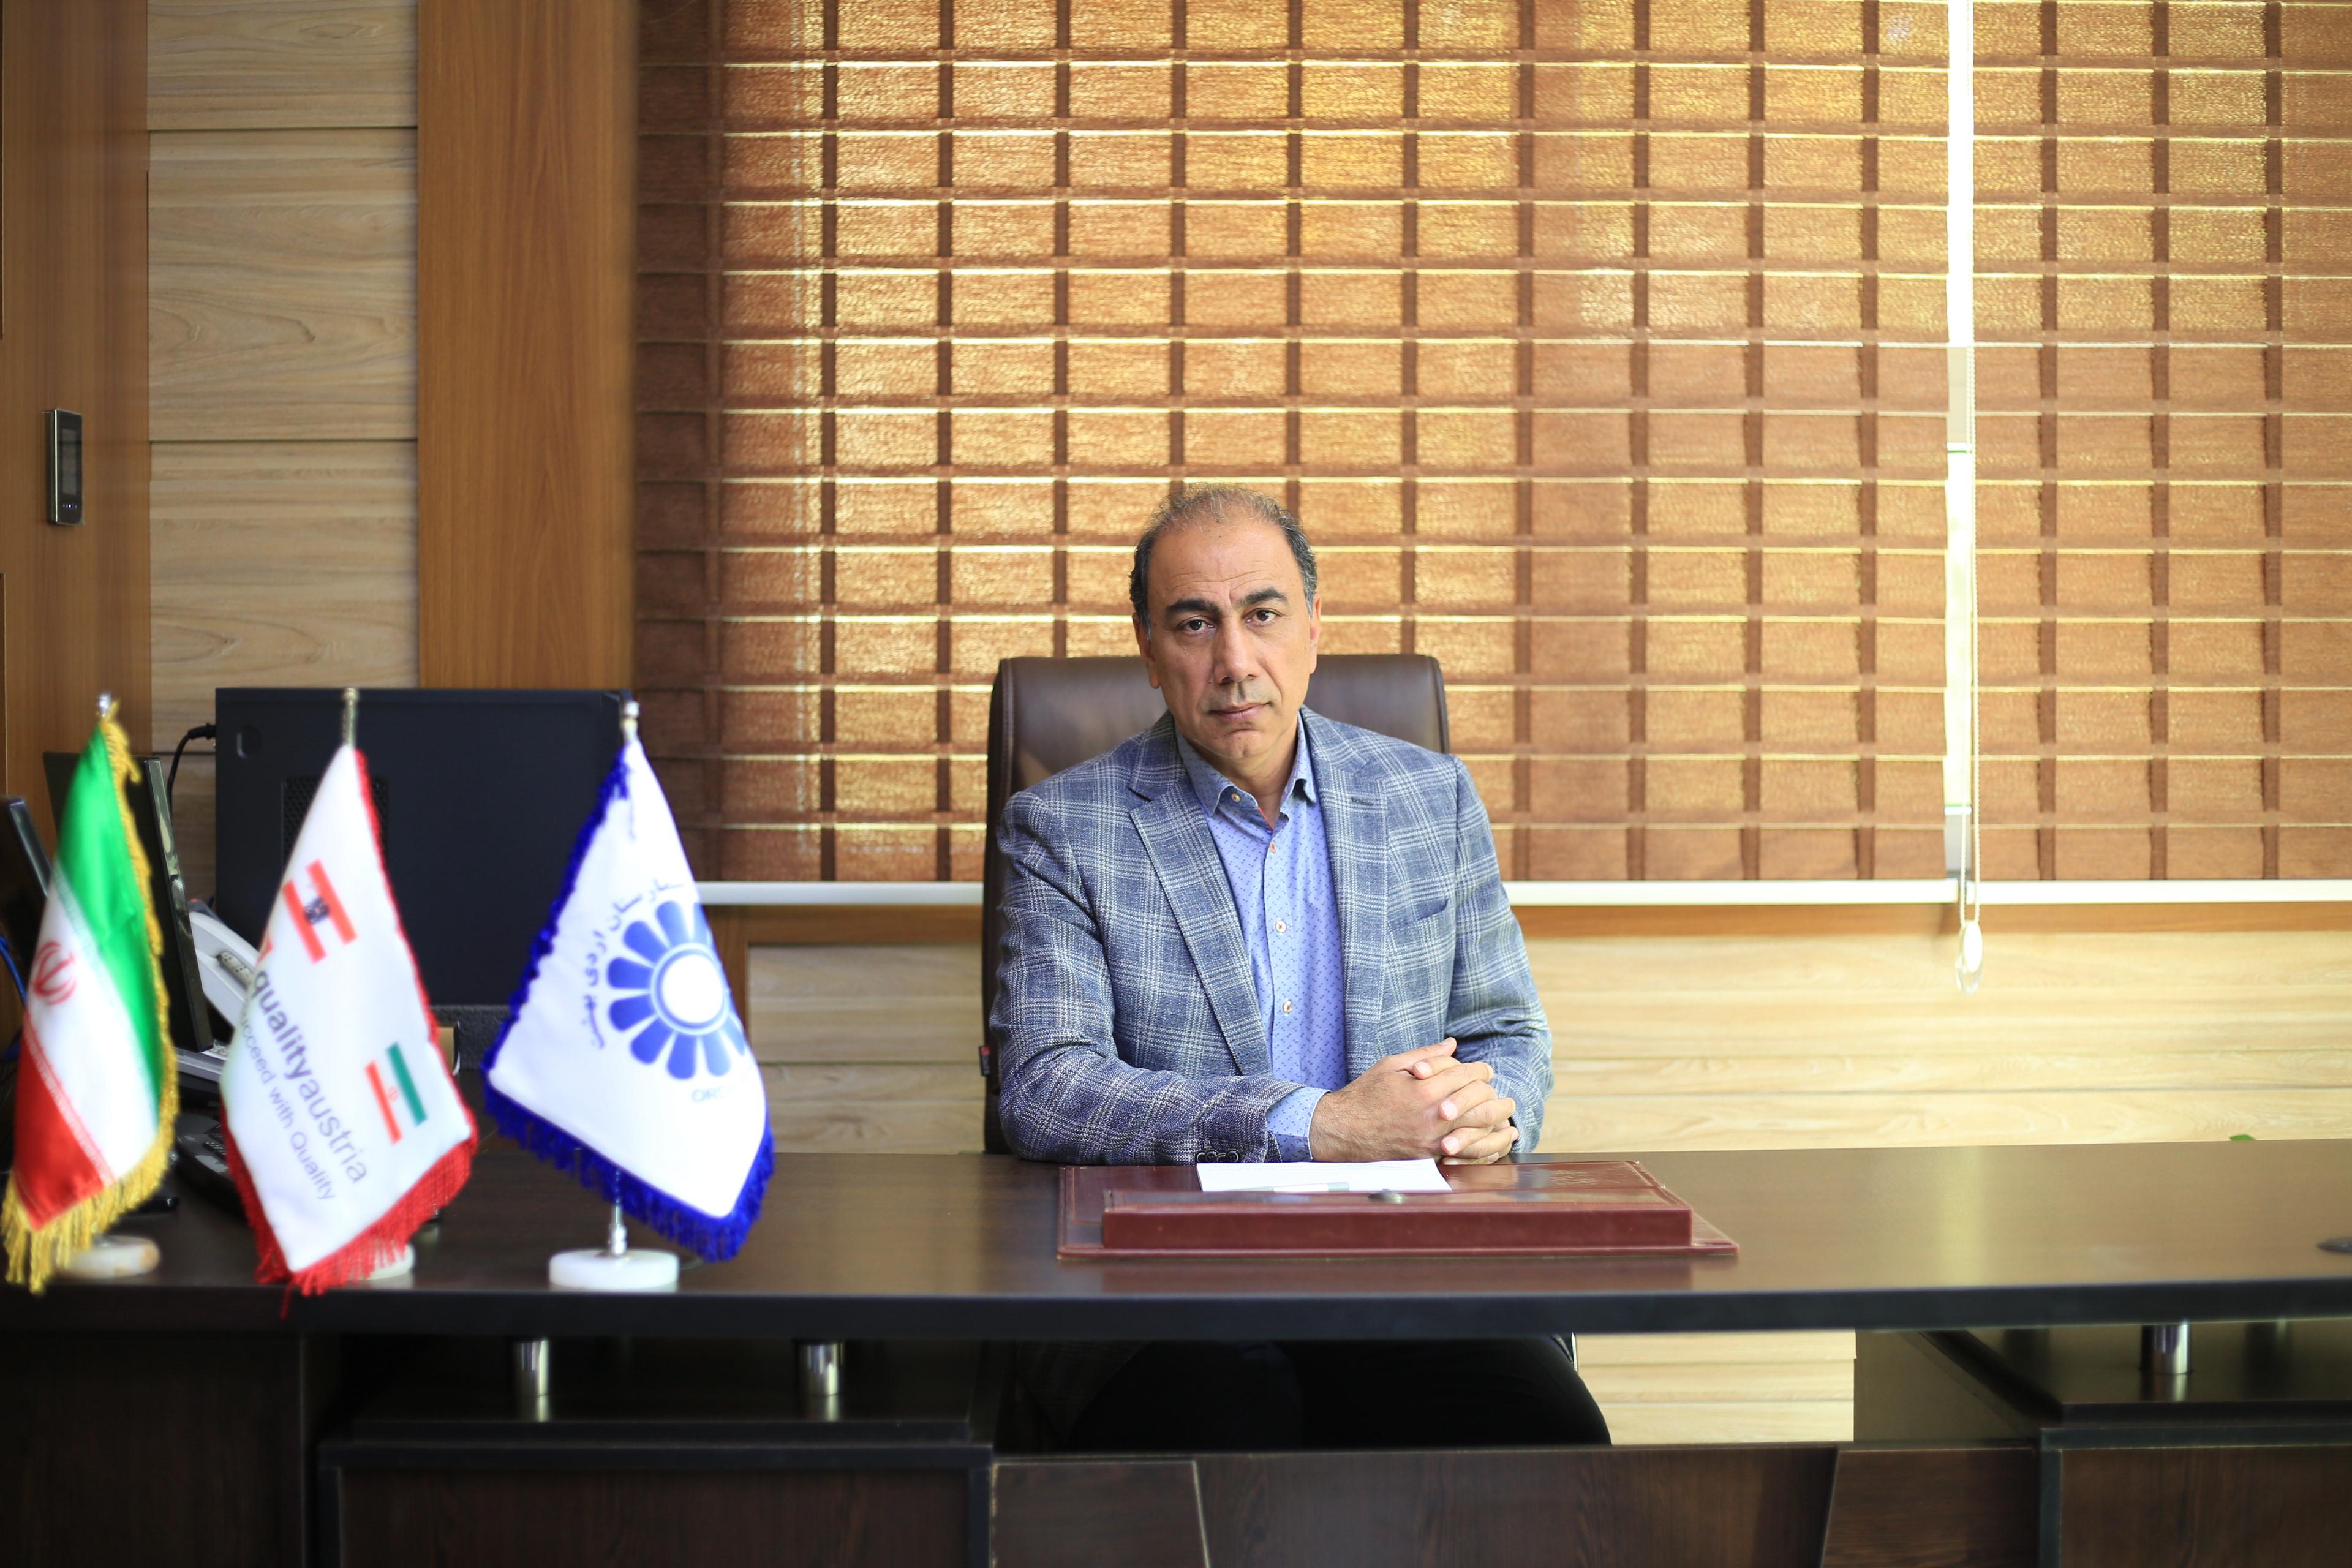 دکتر سید کاظم چابک - پیام مدیرعامل بیمارستان اردیبهشت